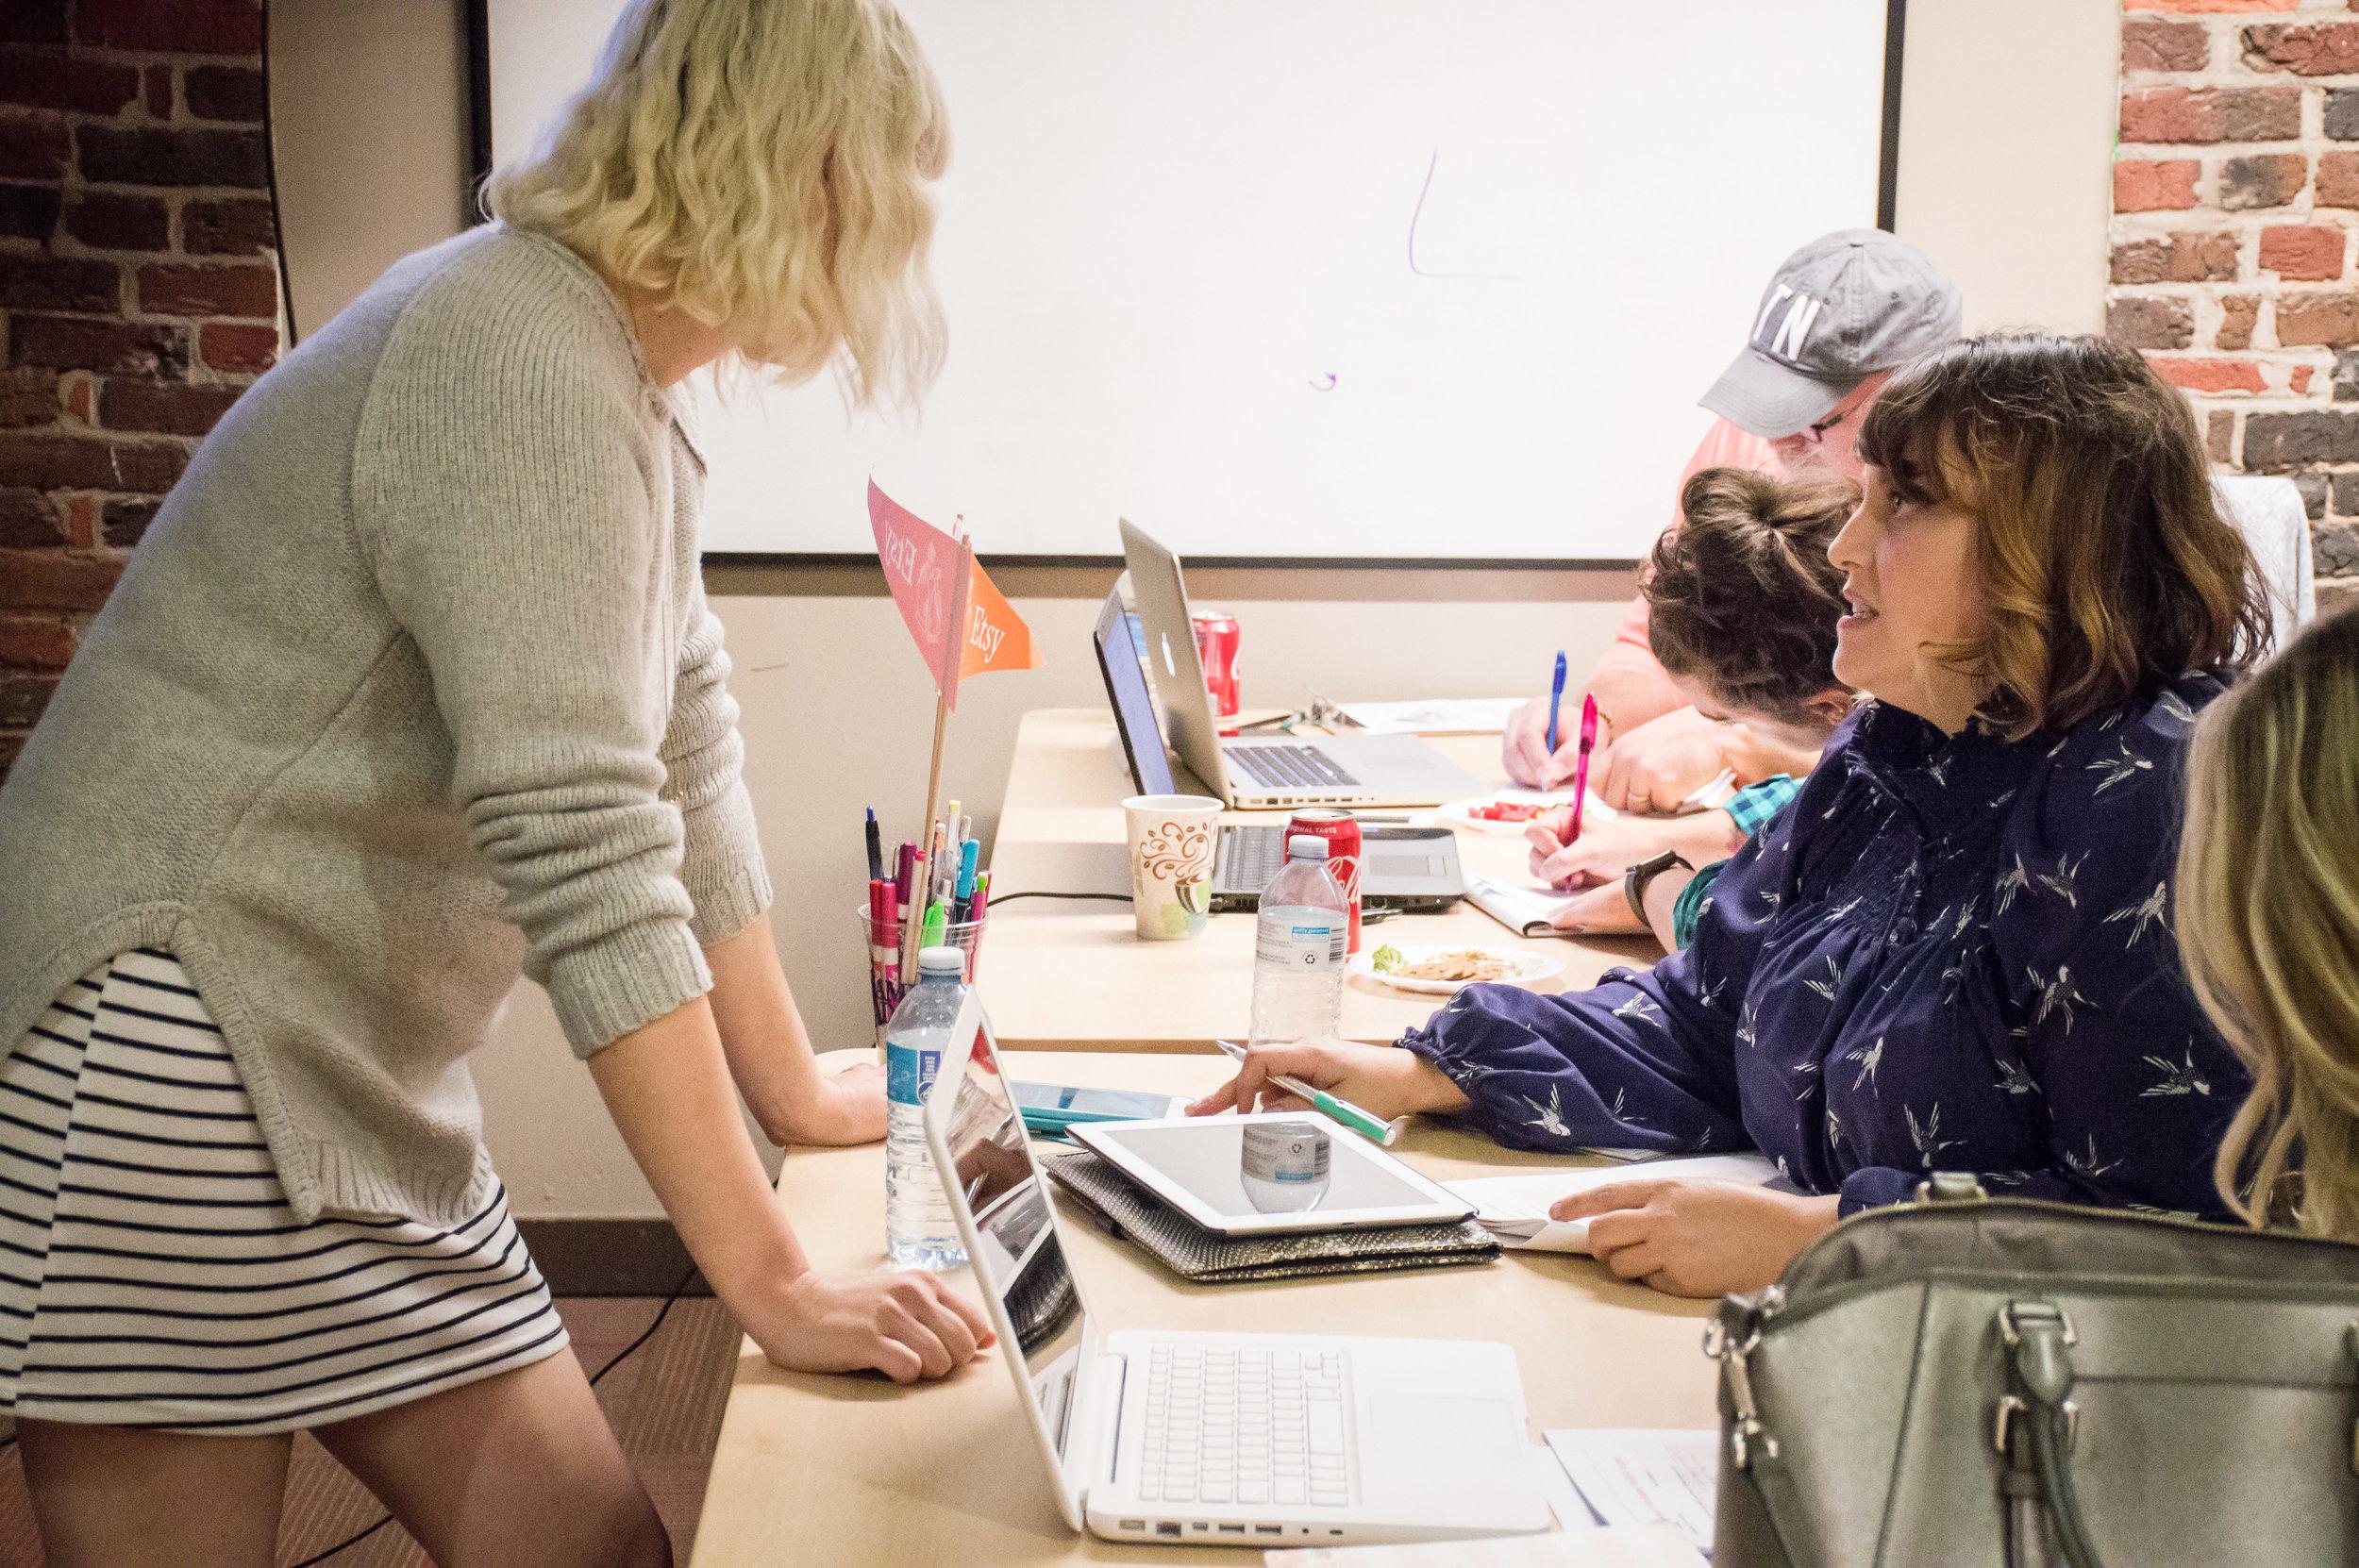 Etsy Craft Entrepreneurship Program